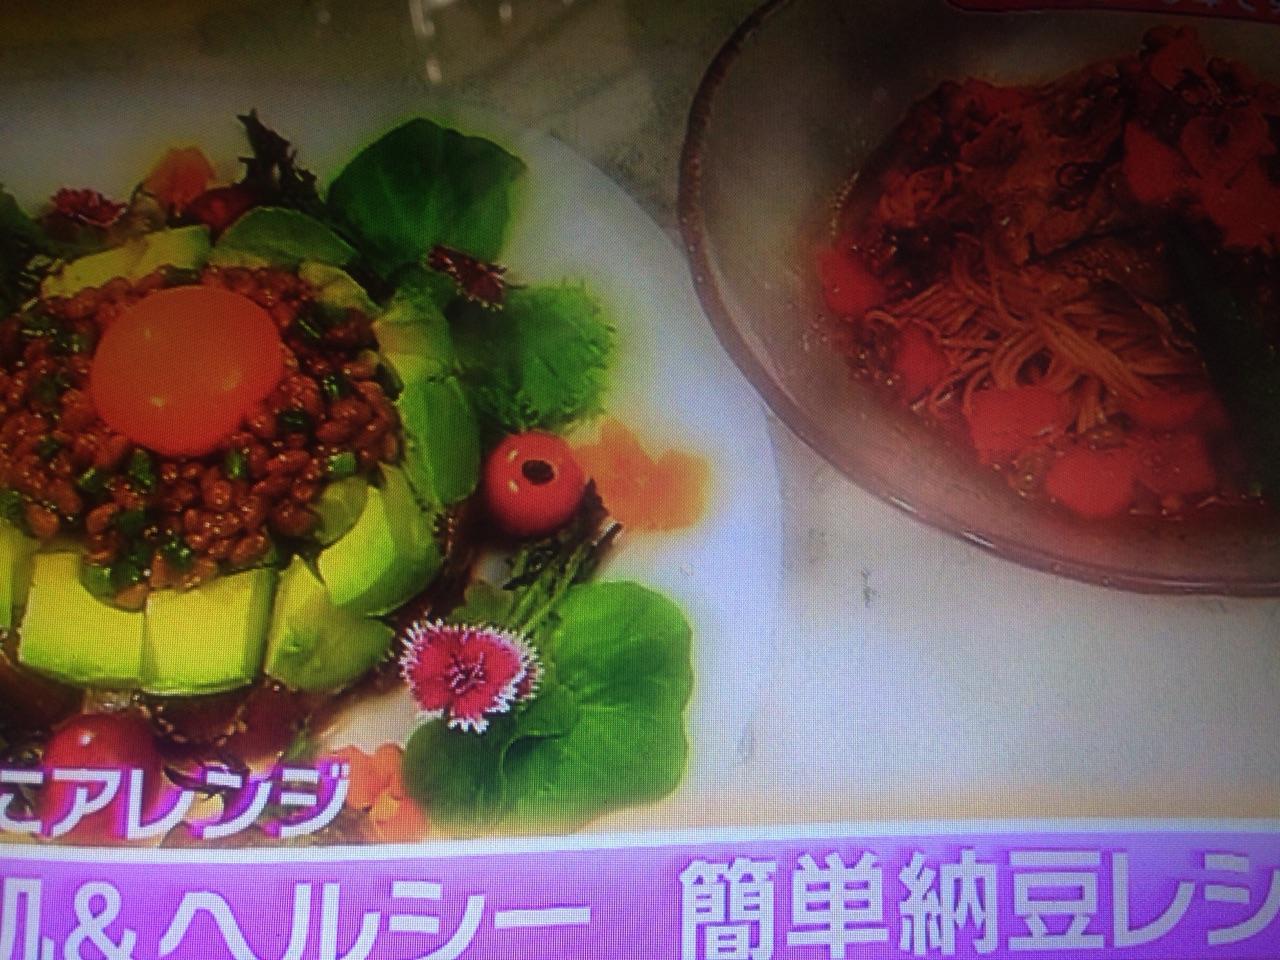 福田彩乃さんが作る納豆サラダ&そうめん レシピ【めざましテレビ】